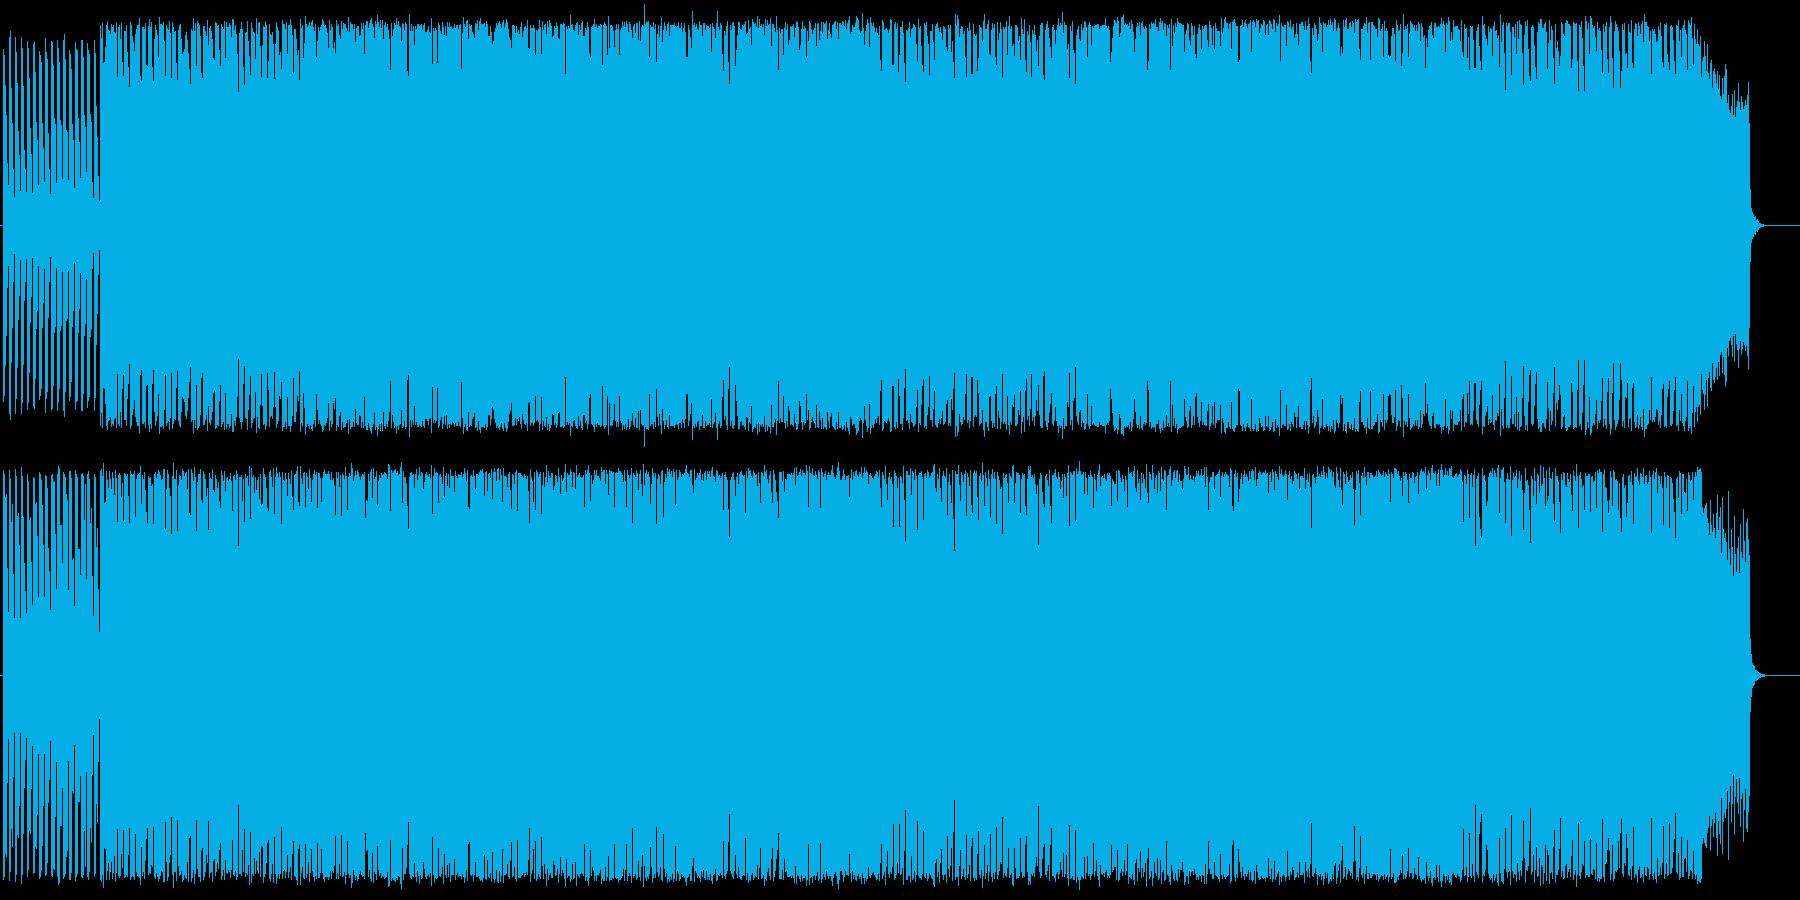 キラキラしたスピード感あるメロディーの再生済みの波形